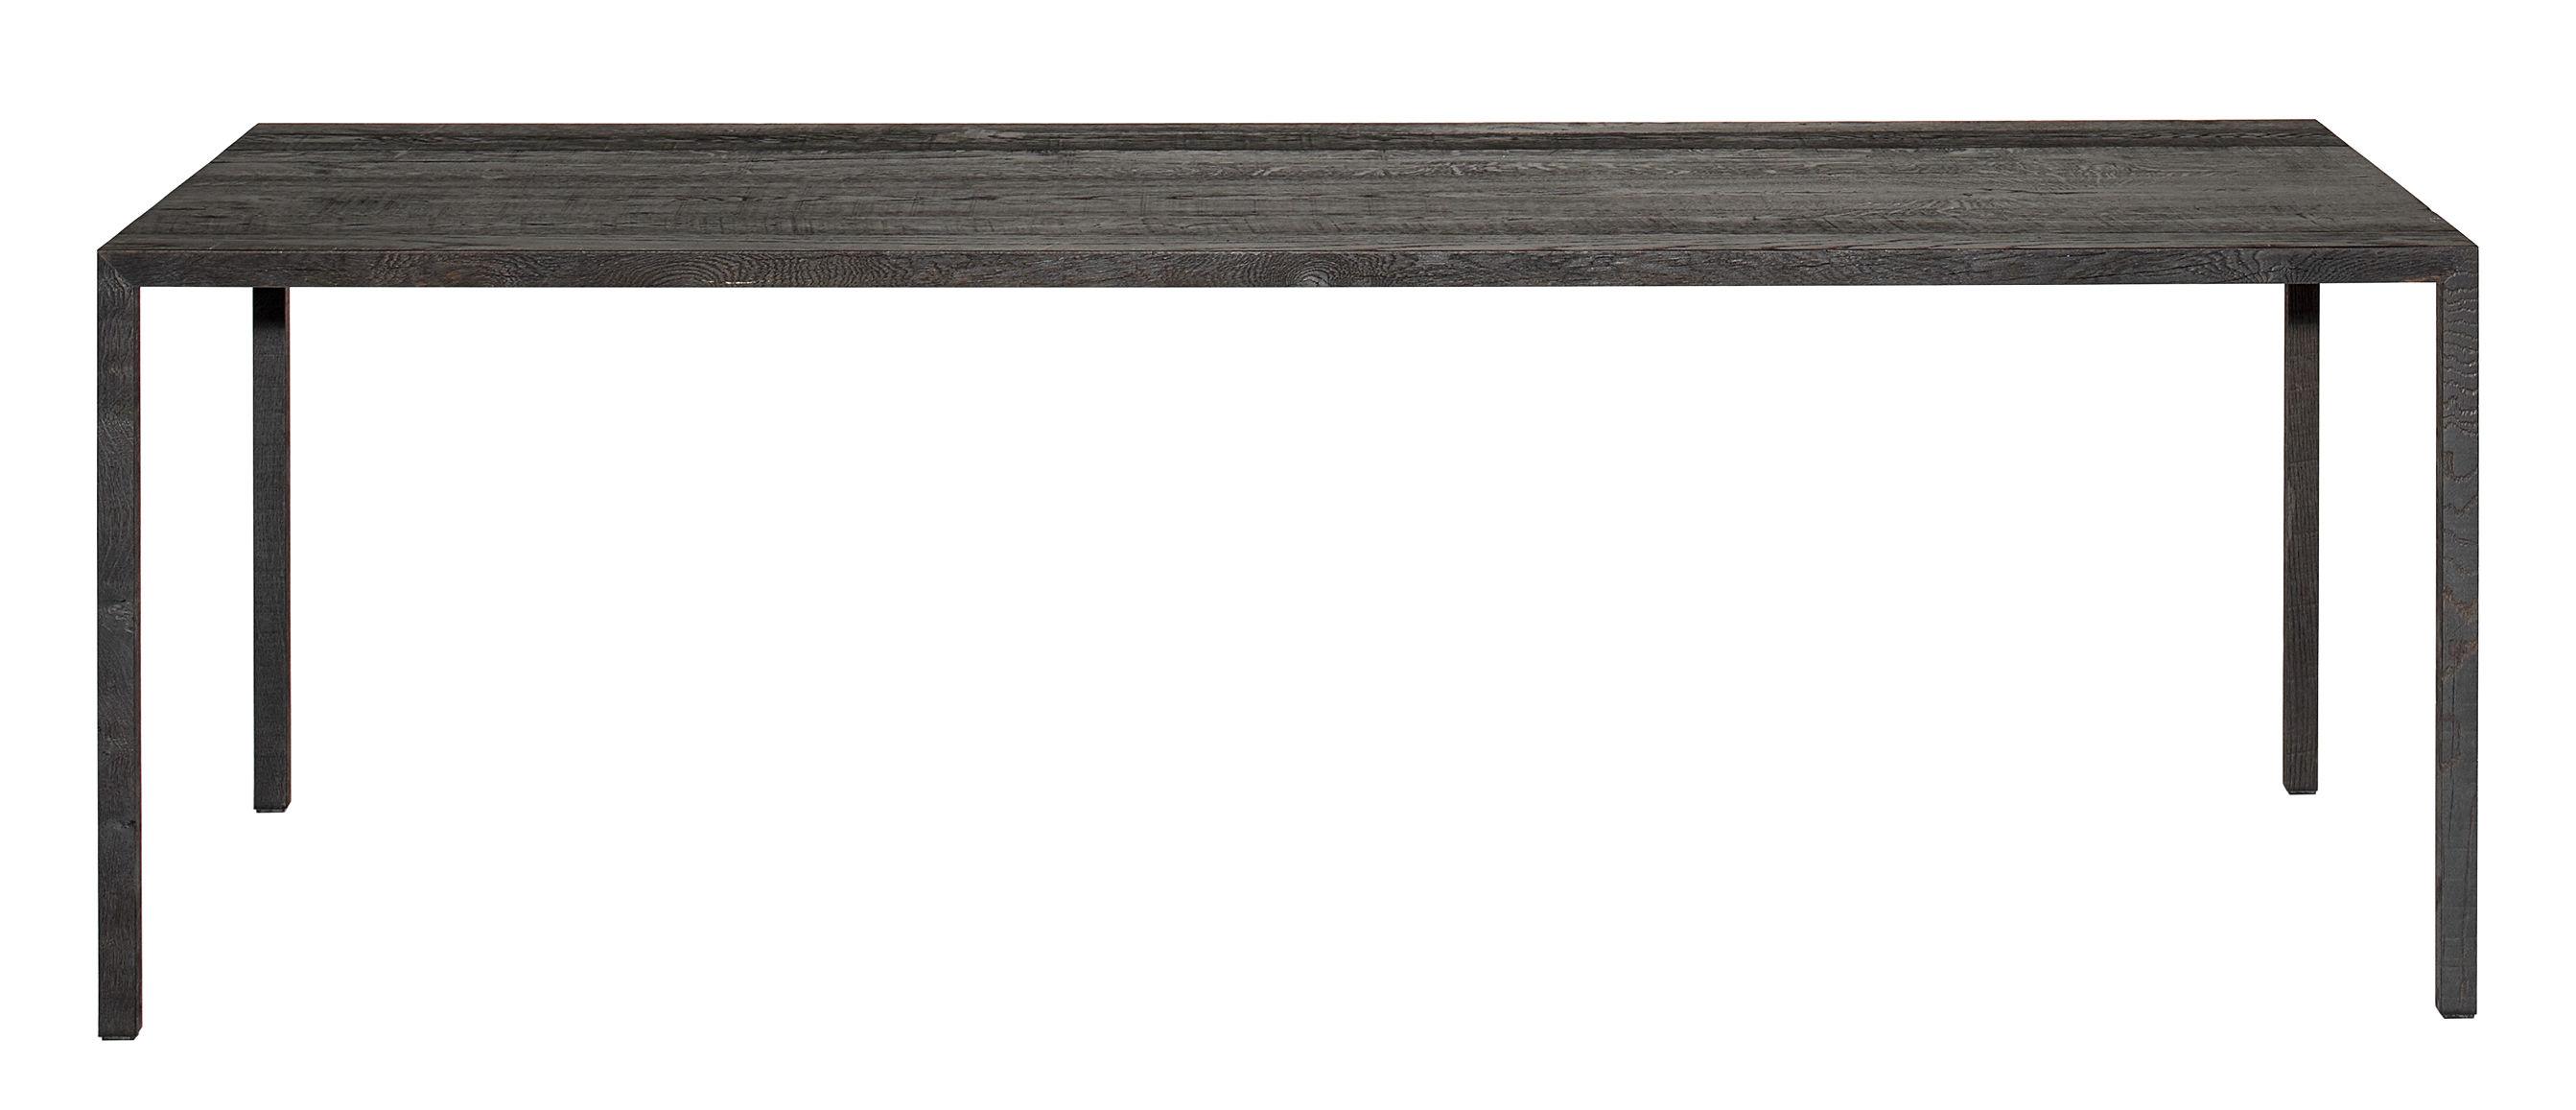 Arredamento - Tavoli - Tavolo rettangolare Tense Material - / 90 x 200 cm - rovere scurito di MDF Italia - Rovere brunito nero - Pannello composito, Placage chêne massif bruni